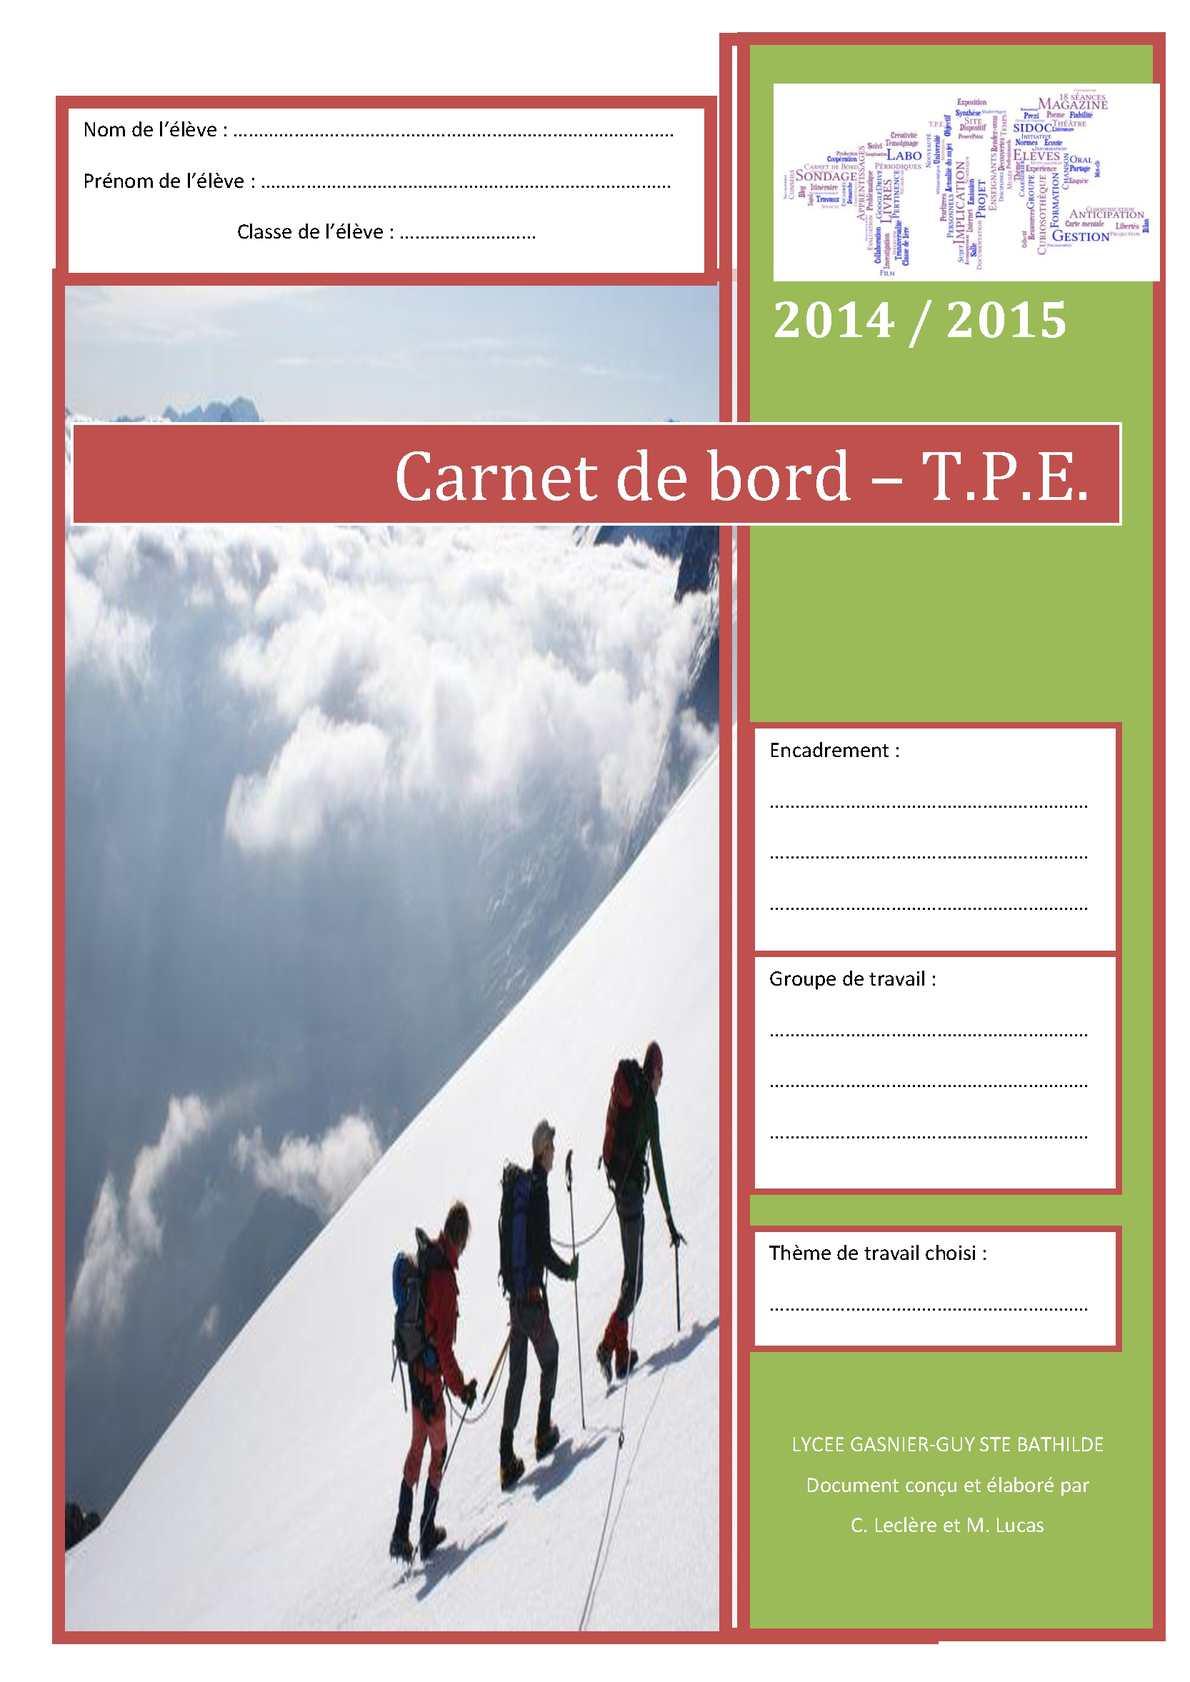 Berühmt Calaméo - Carnet De Bord Tpe 2014 2015 RQ22